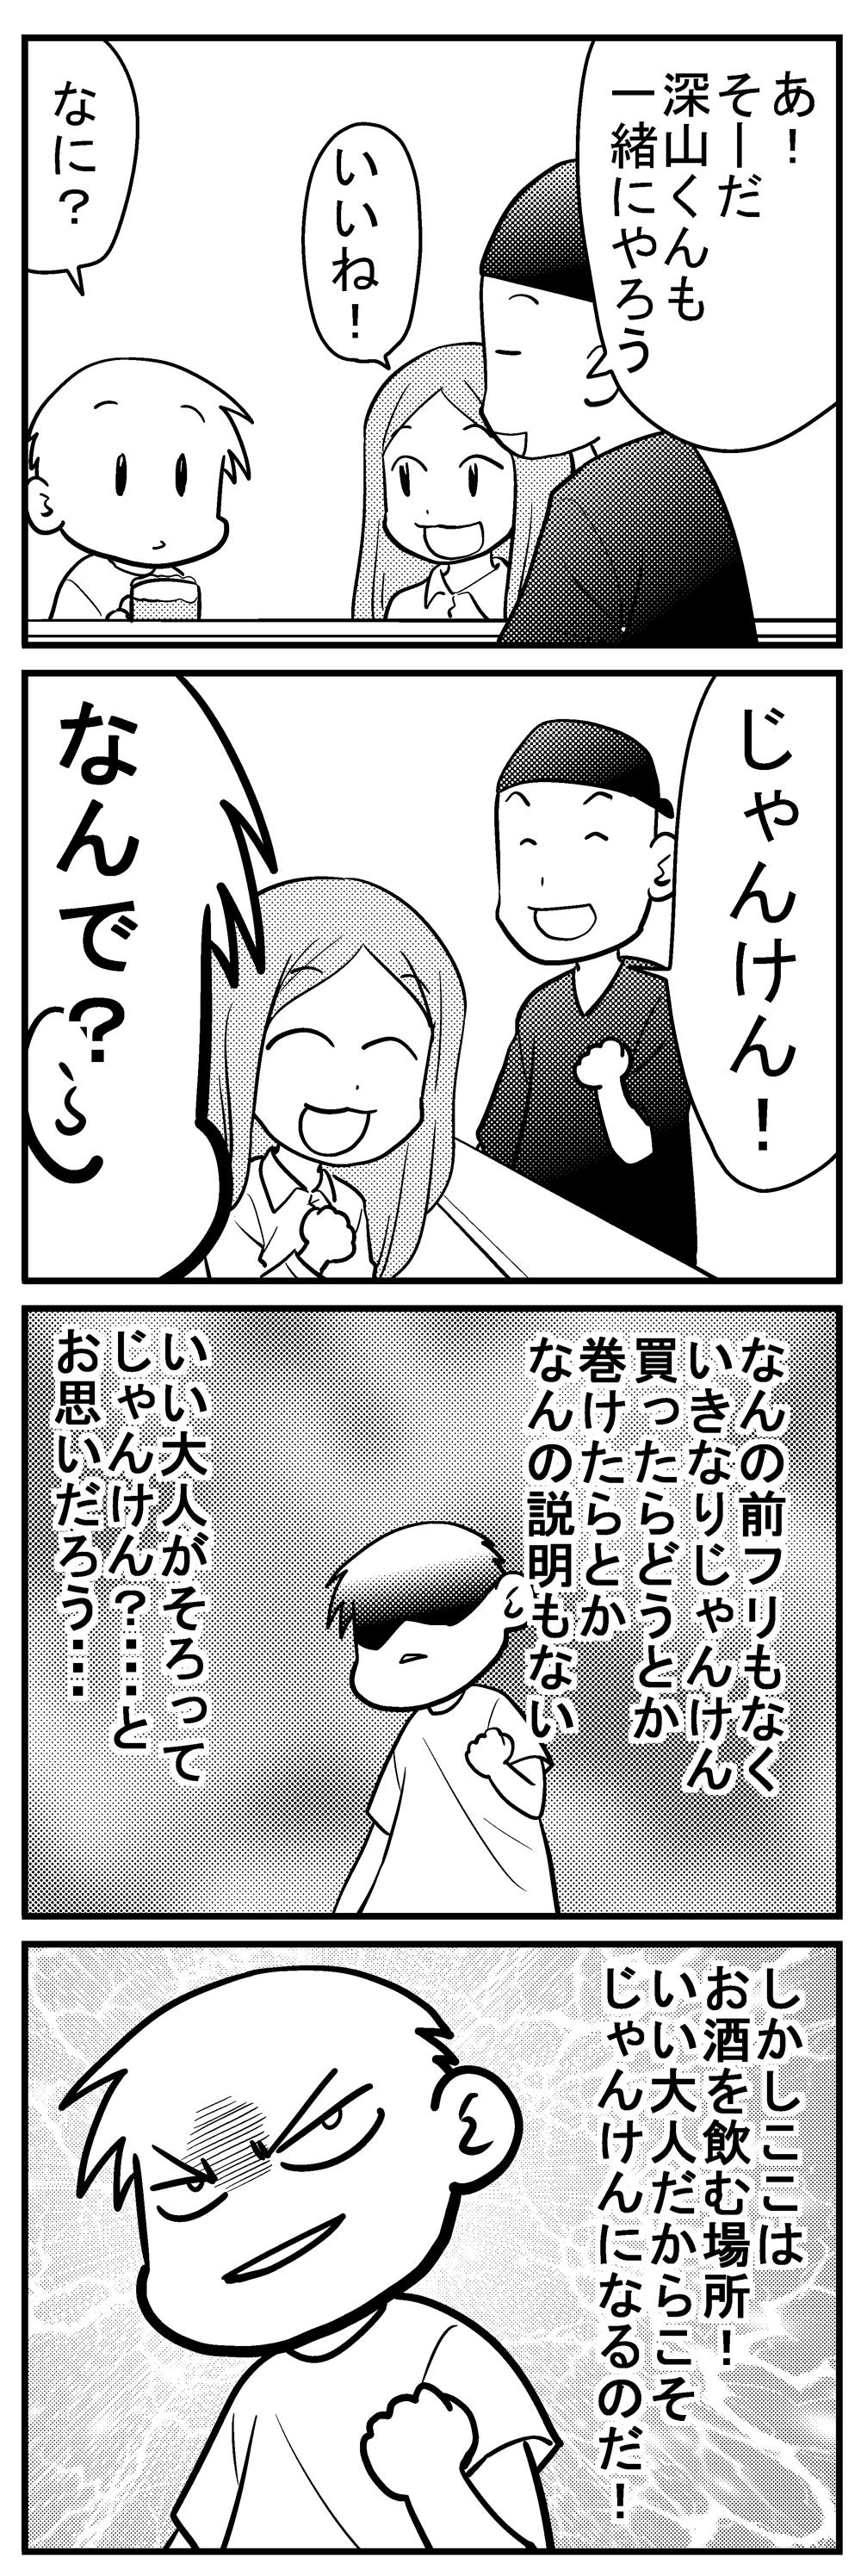 深読みくん57-2